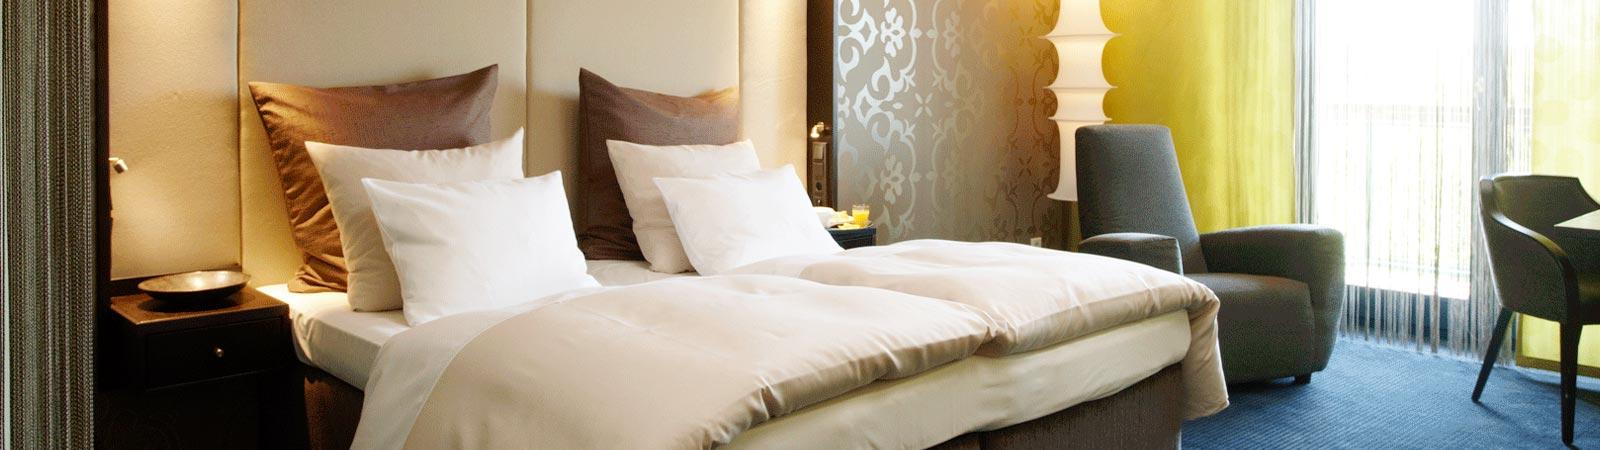 Mietwäsche für Hotels